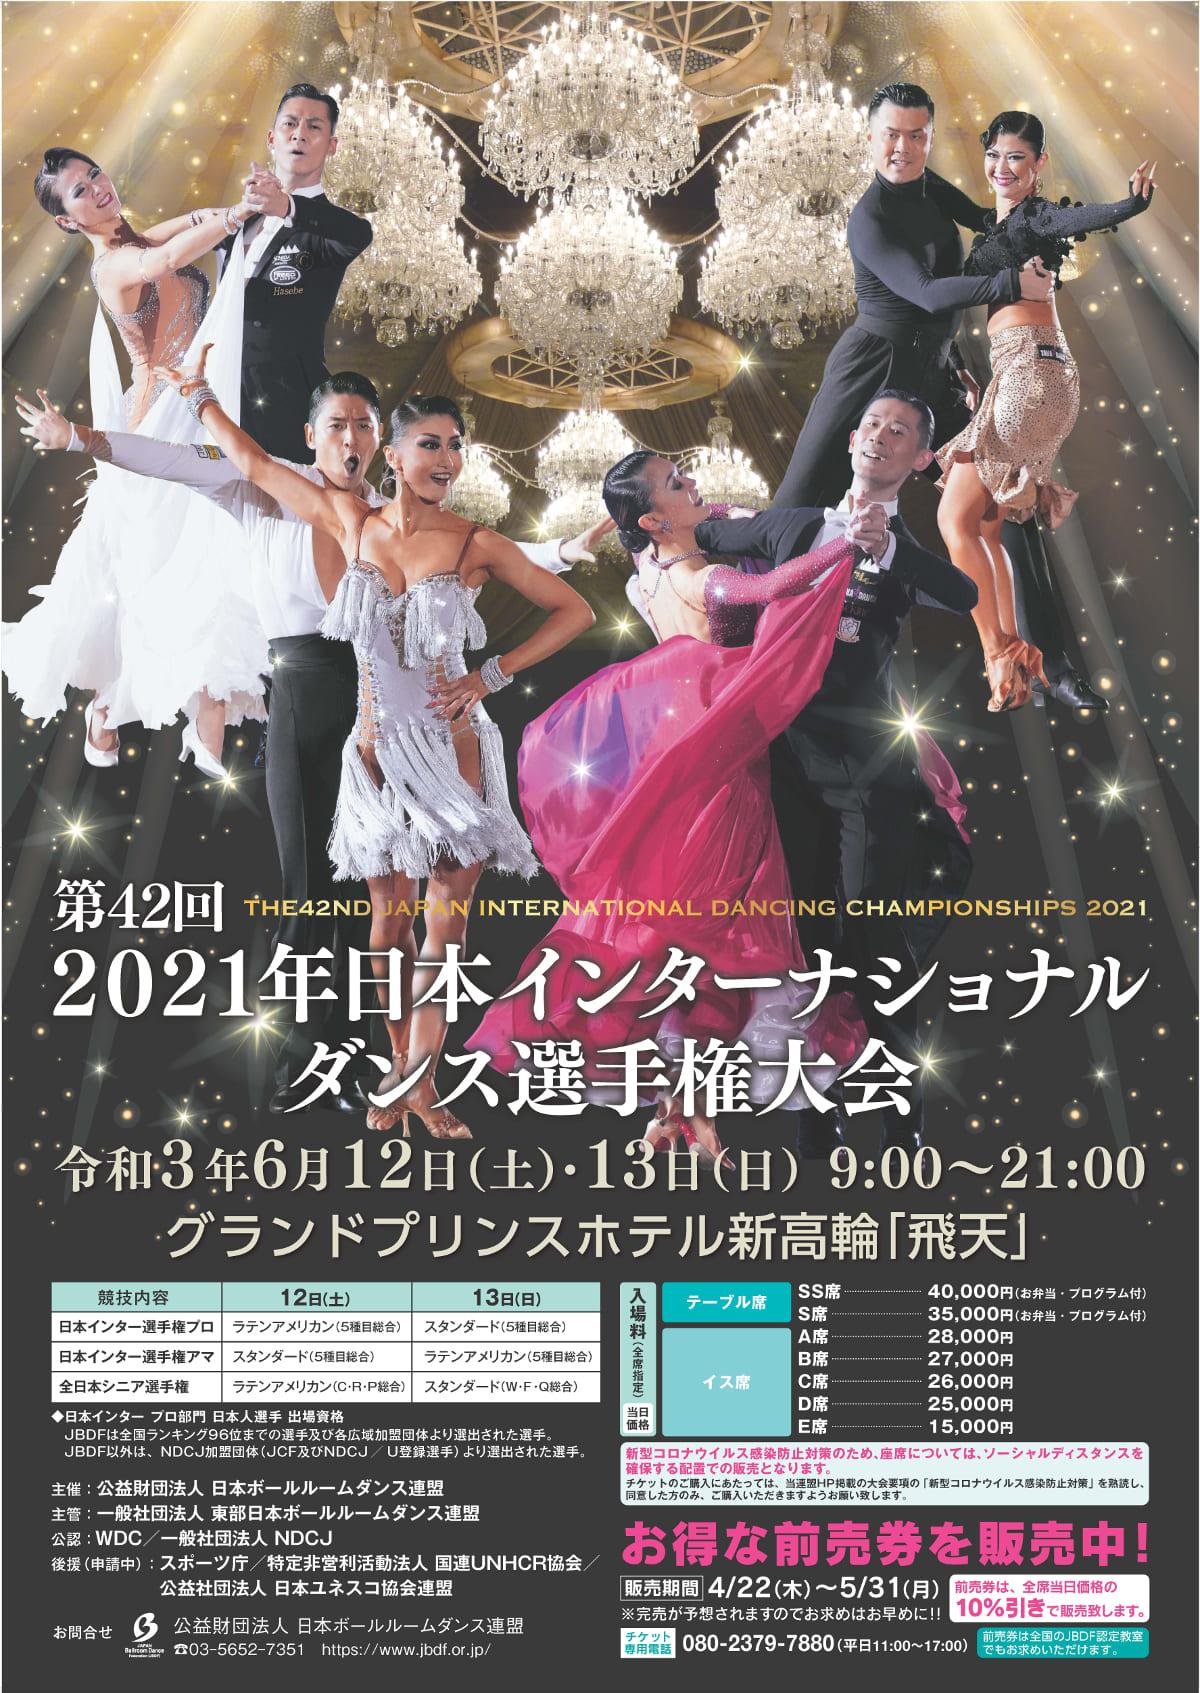 2021|日本インターナショナルダンス選手権大会|グランドプリンスホテル|高輪|飛天|結果